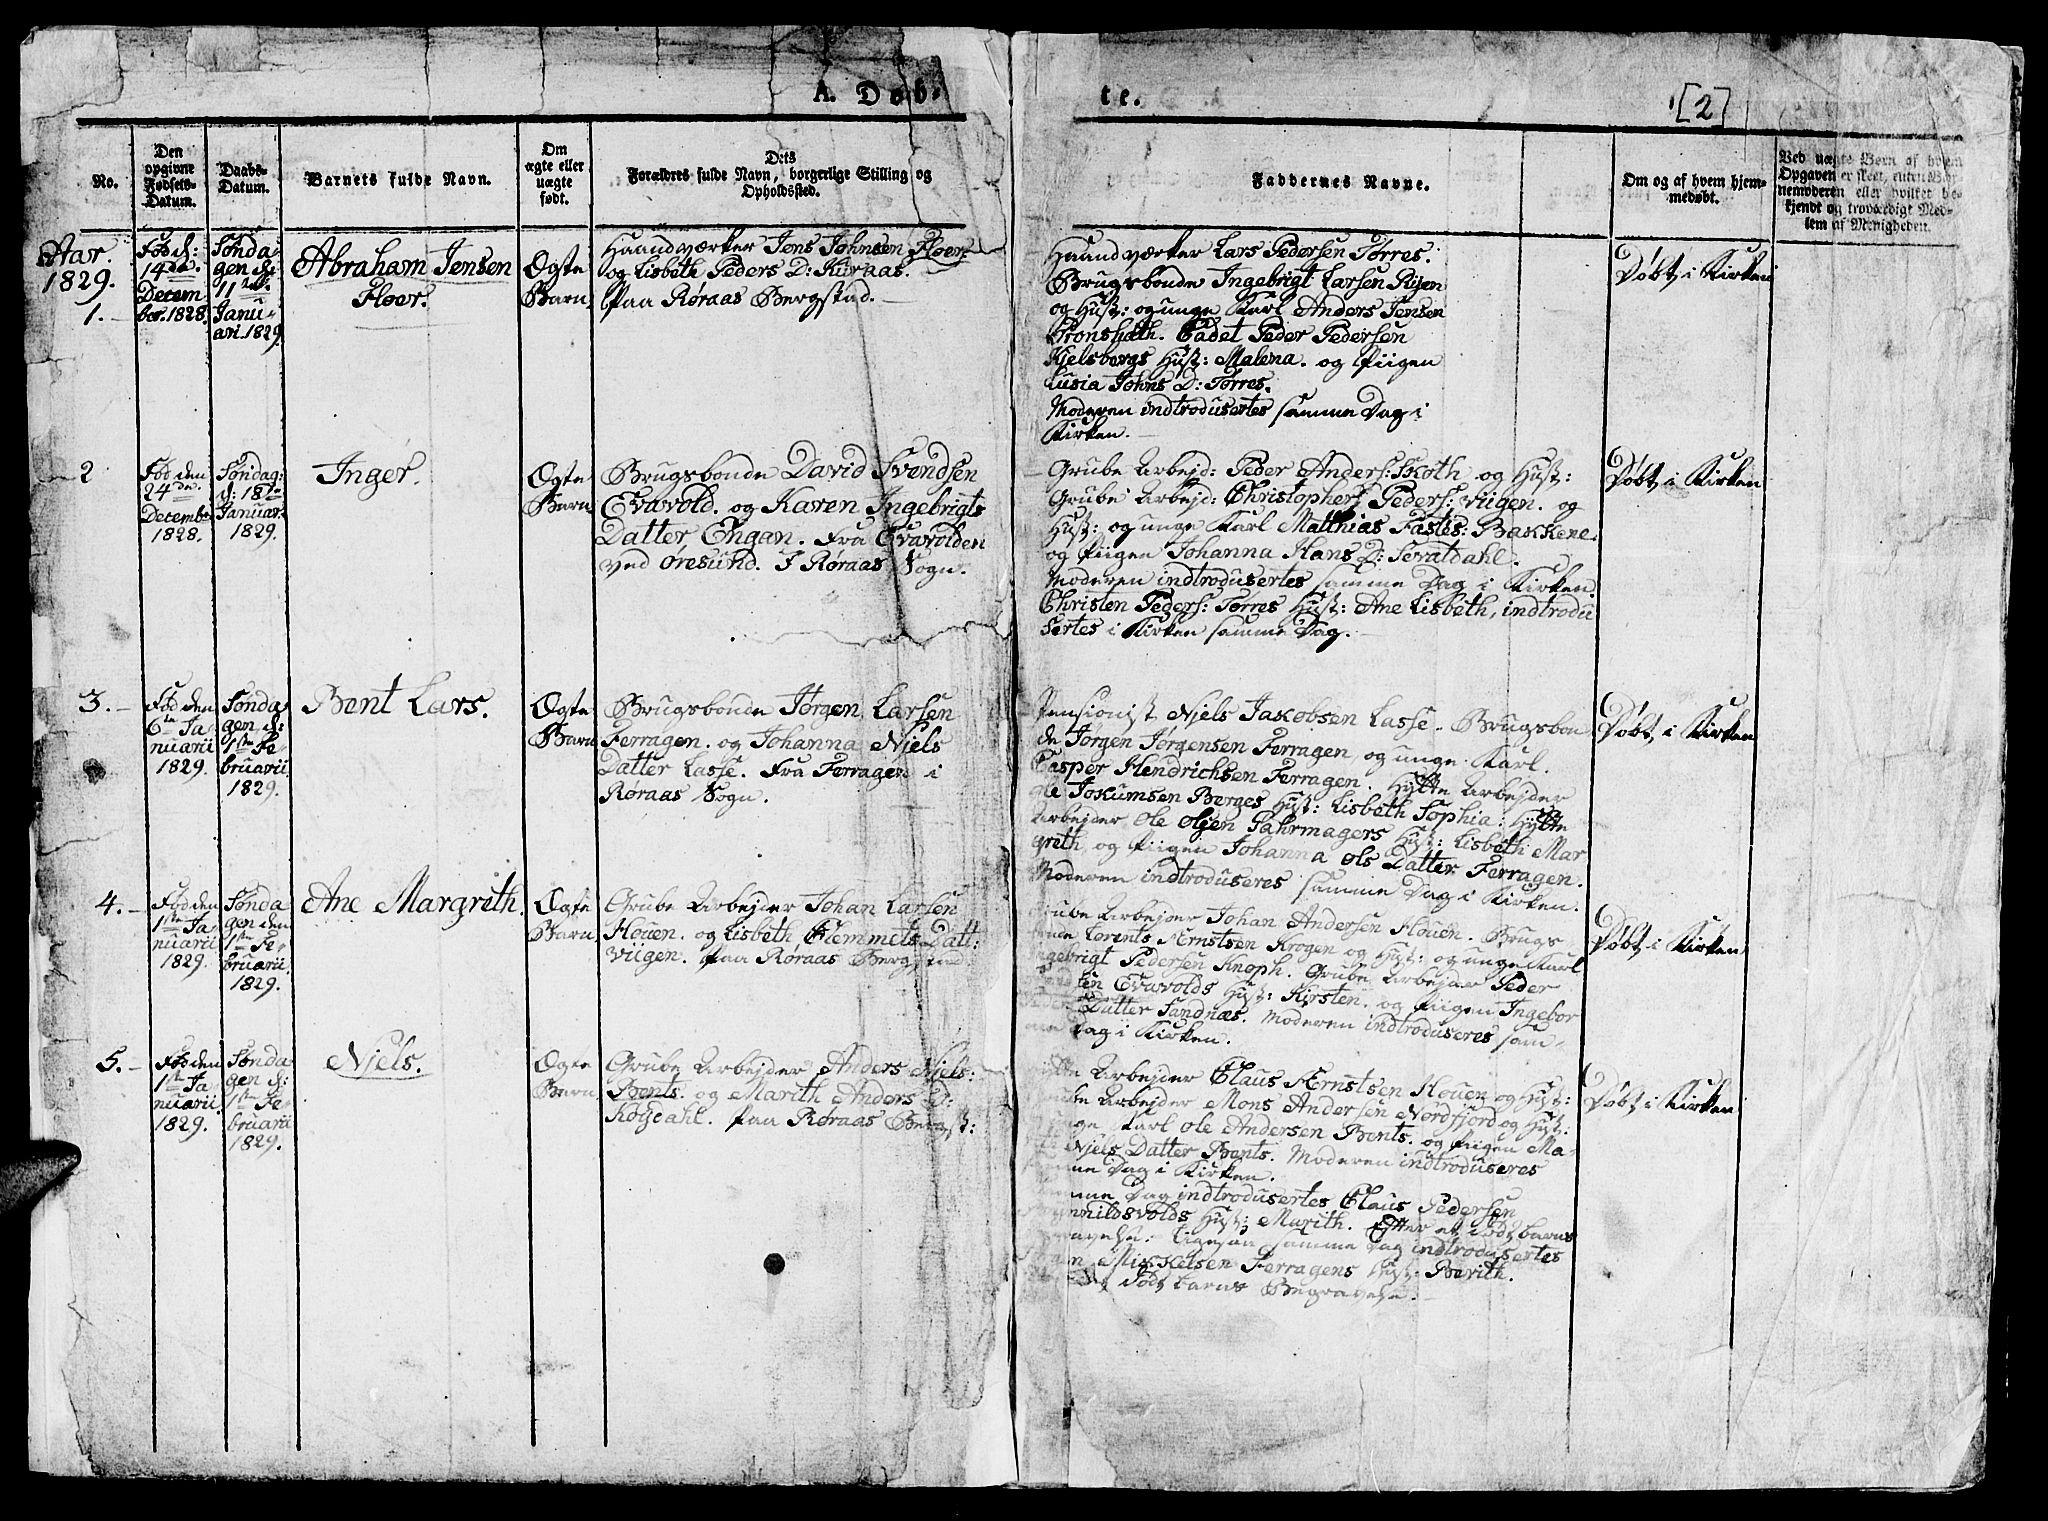 SAT, Ministerialprotokoller, klokkerbøker og fødselsregistre - Sør-Trøndelag, 681/L0938: Klokkerbok nr. 681C02, 1829-1879, s. 2